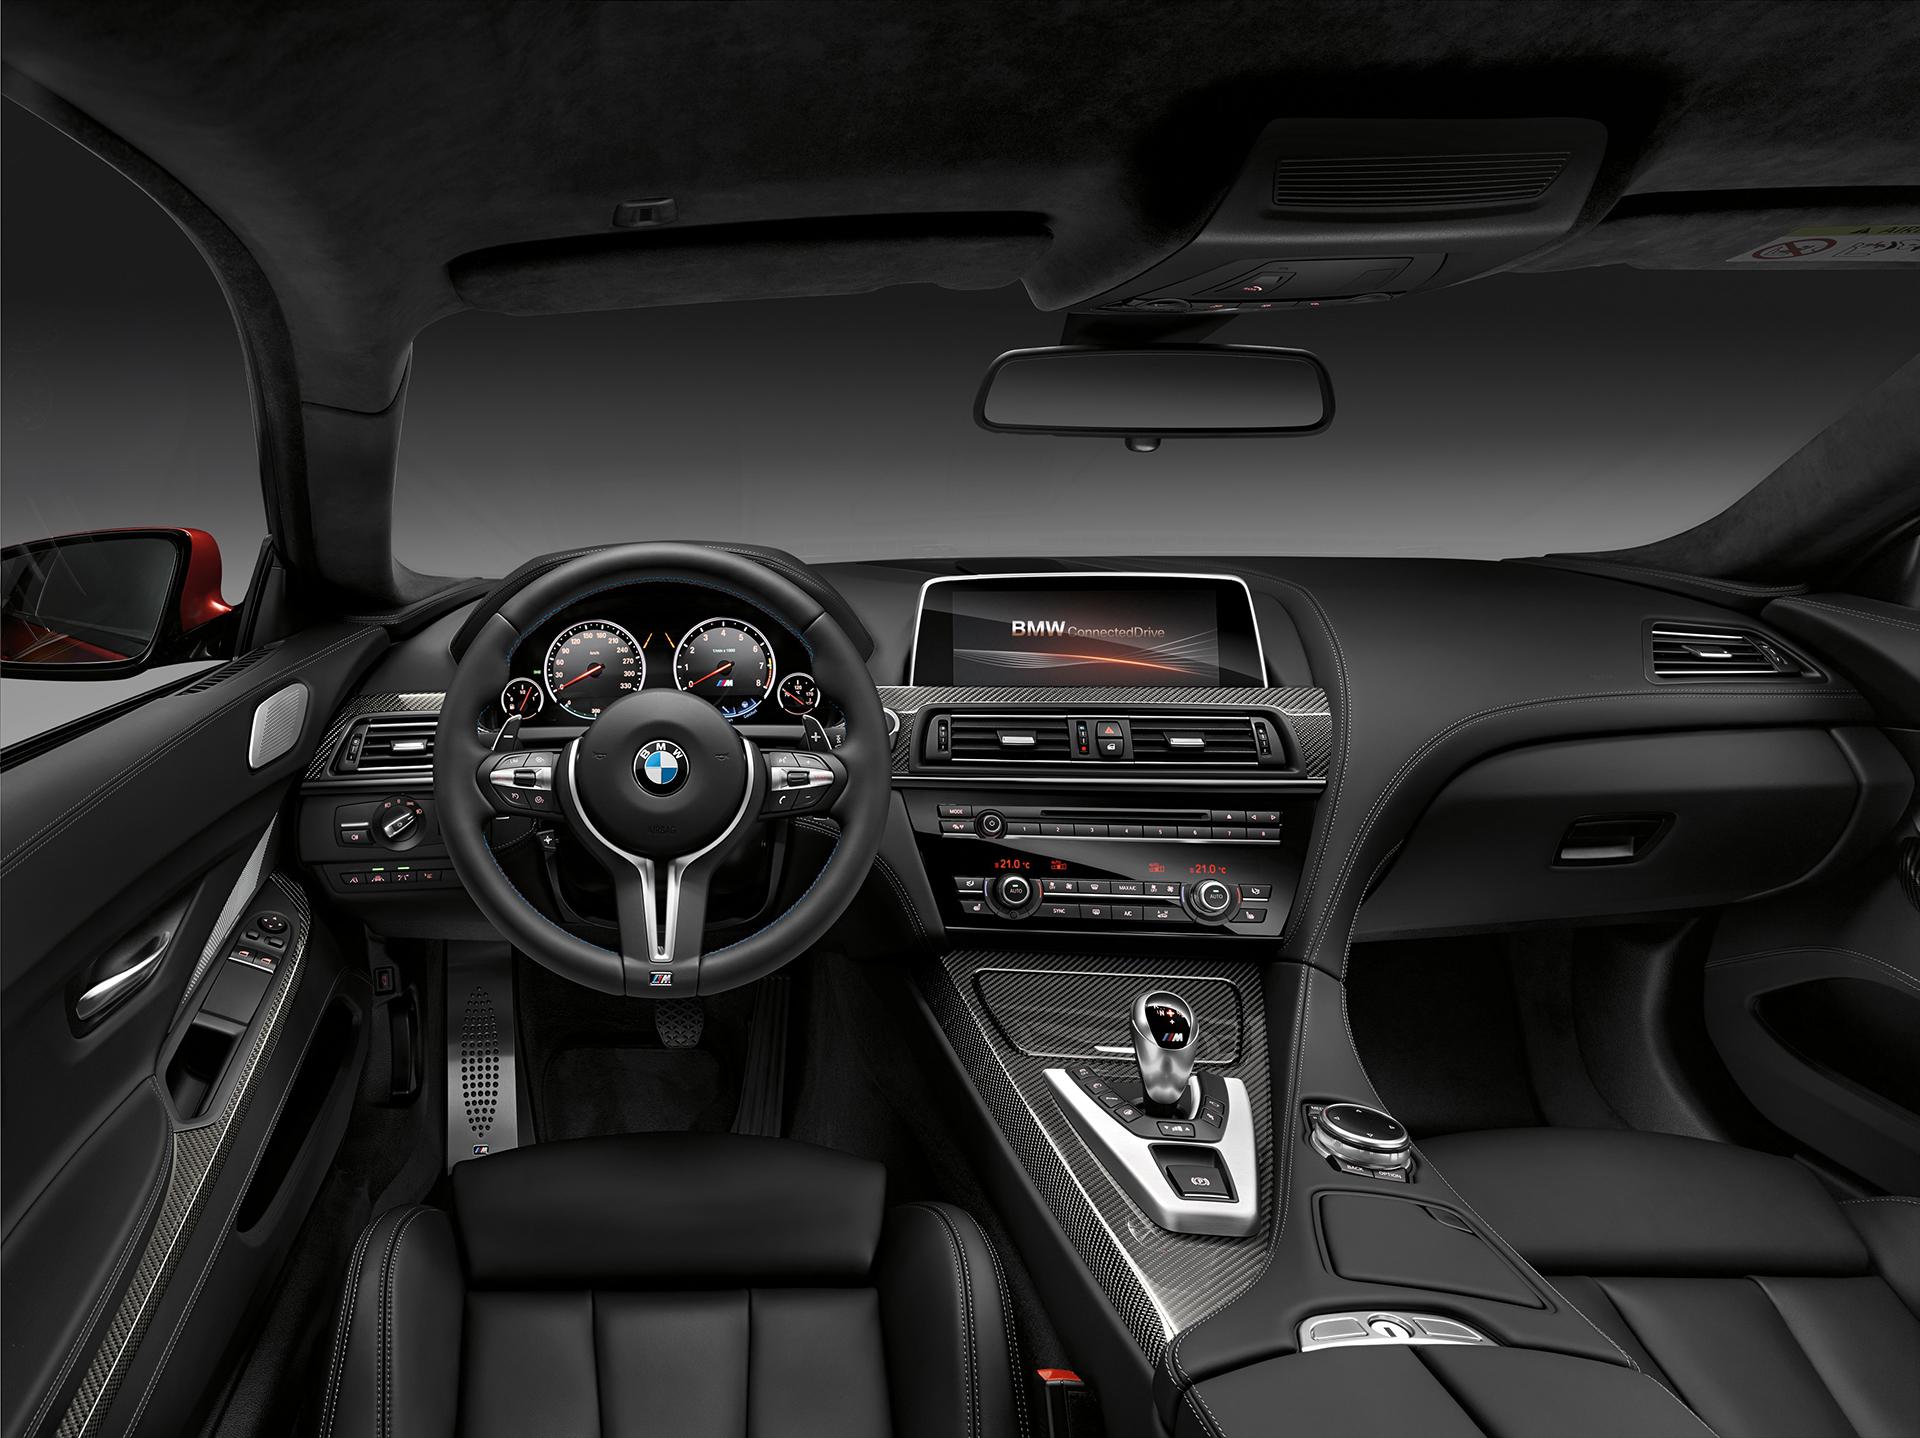 BMW M6 coupé 2015 - interior / intérieur